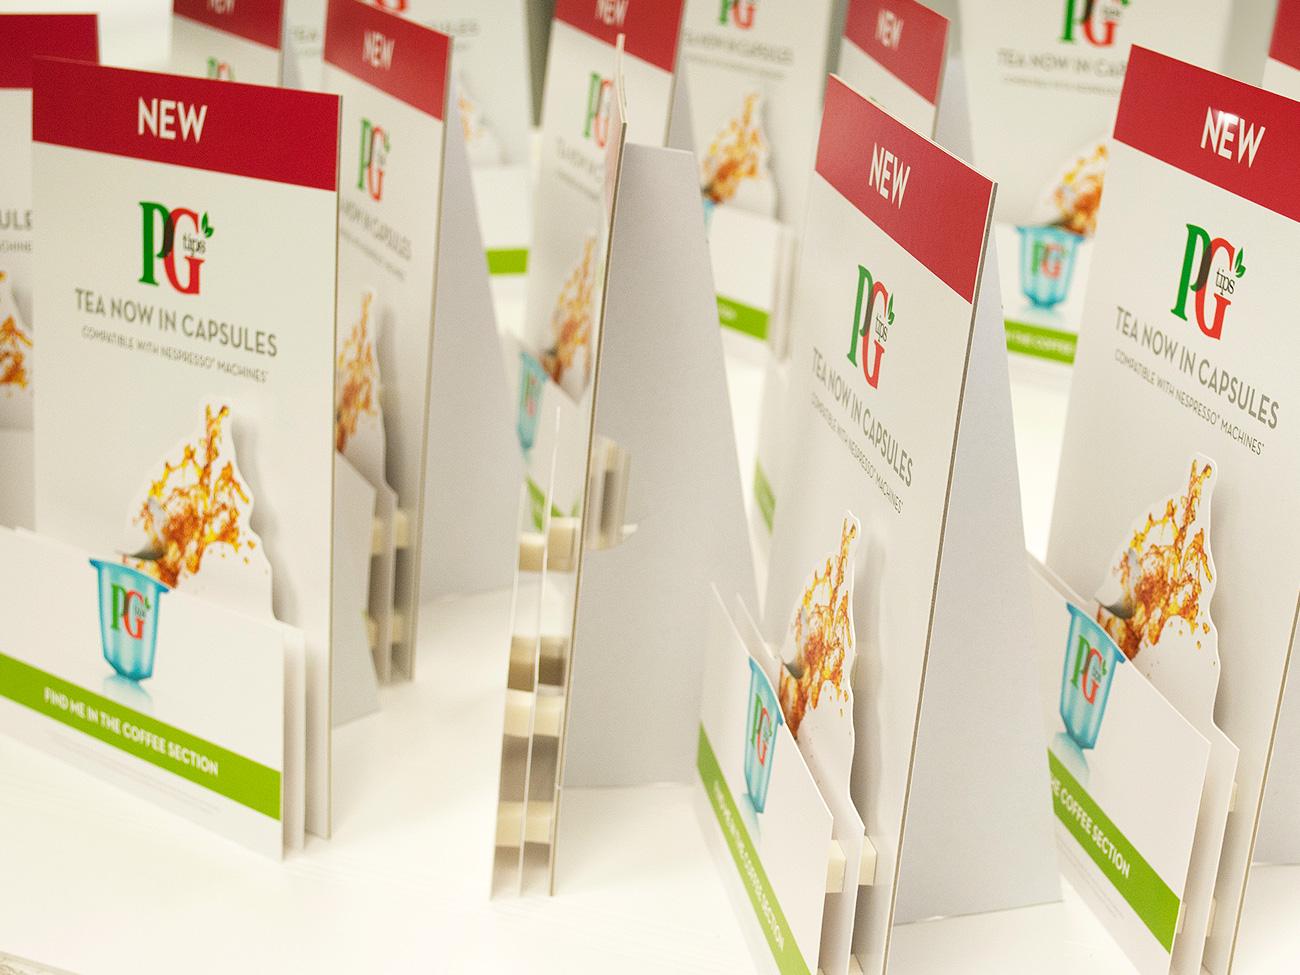 PG Tips Strutcards